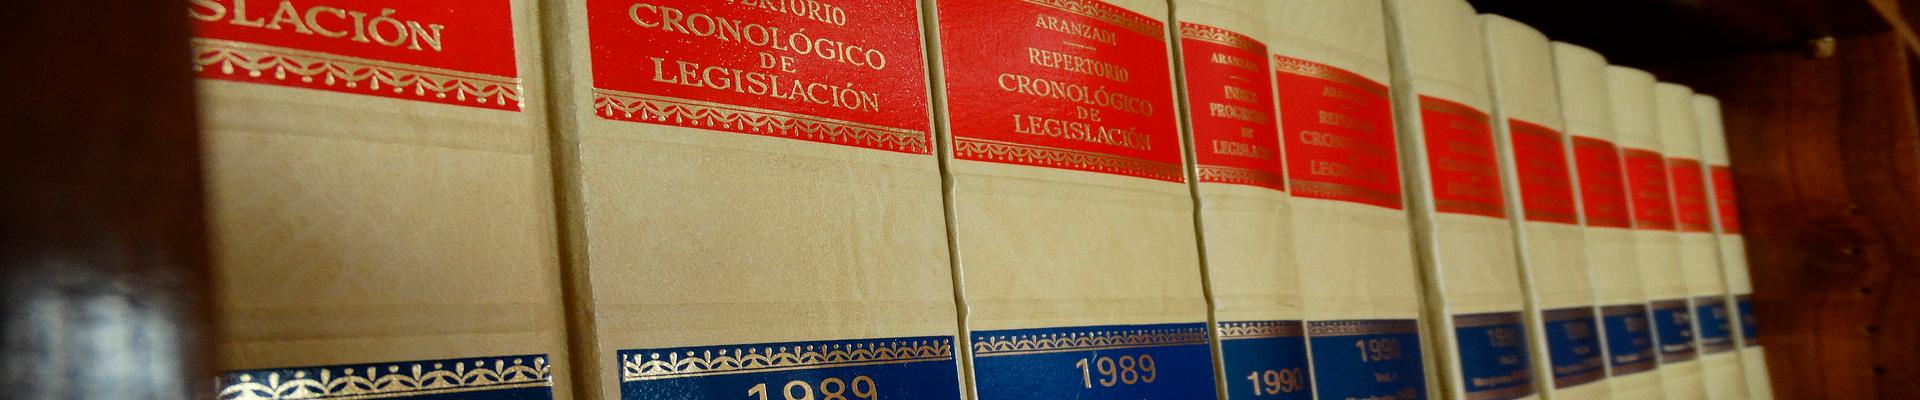 legislaci n registro bienes muebles valencia y provincia